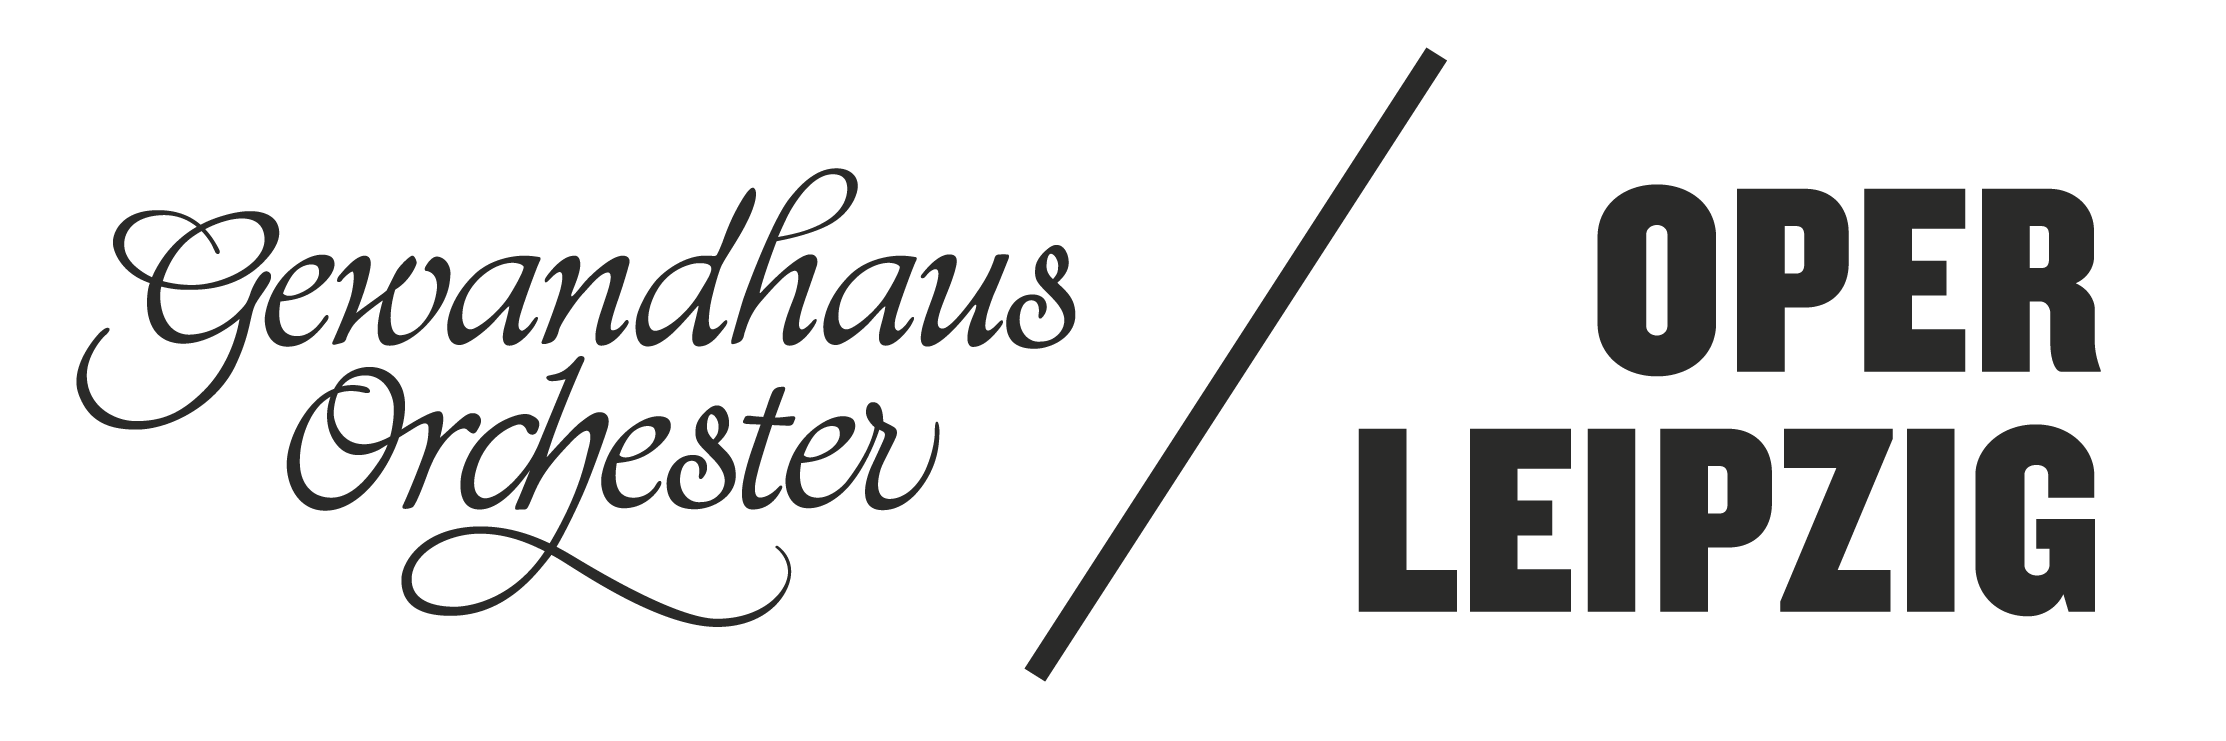 Oper Leipzig Gewandhaus Logo